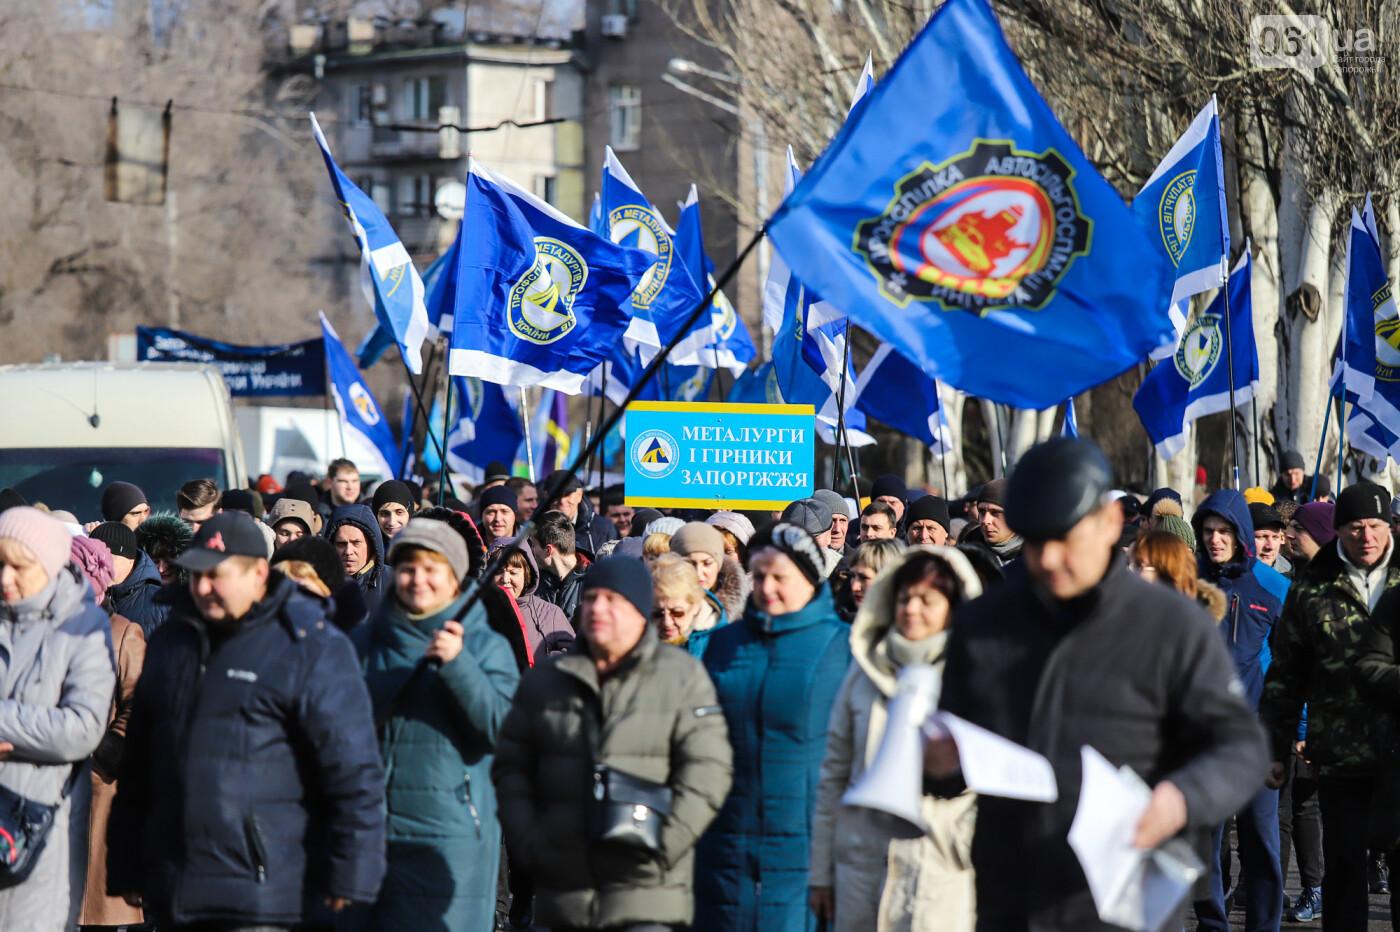 В Запорожье на протестную акцию профсоюзов «Волна гнева» вышло около 2000 человек, - ФОТОРЕПОРТАЖ, фото-8